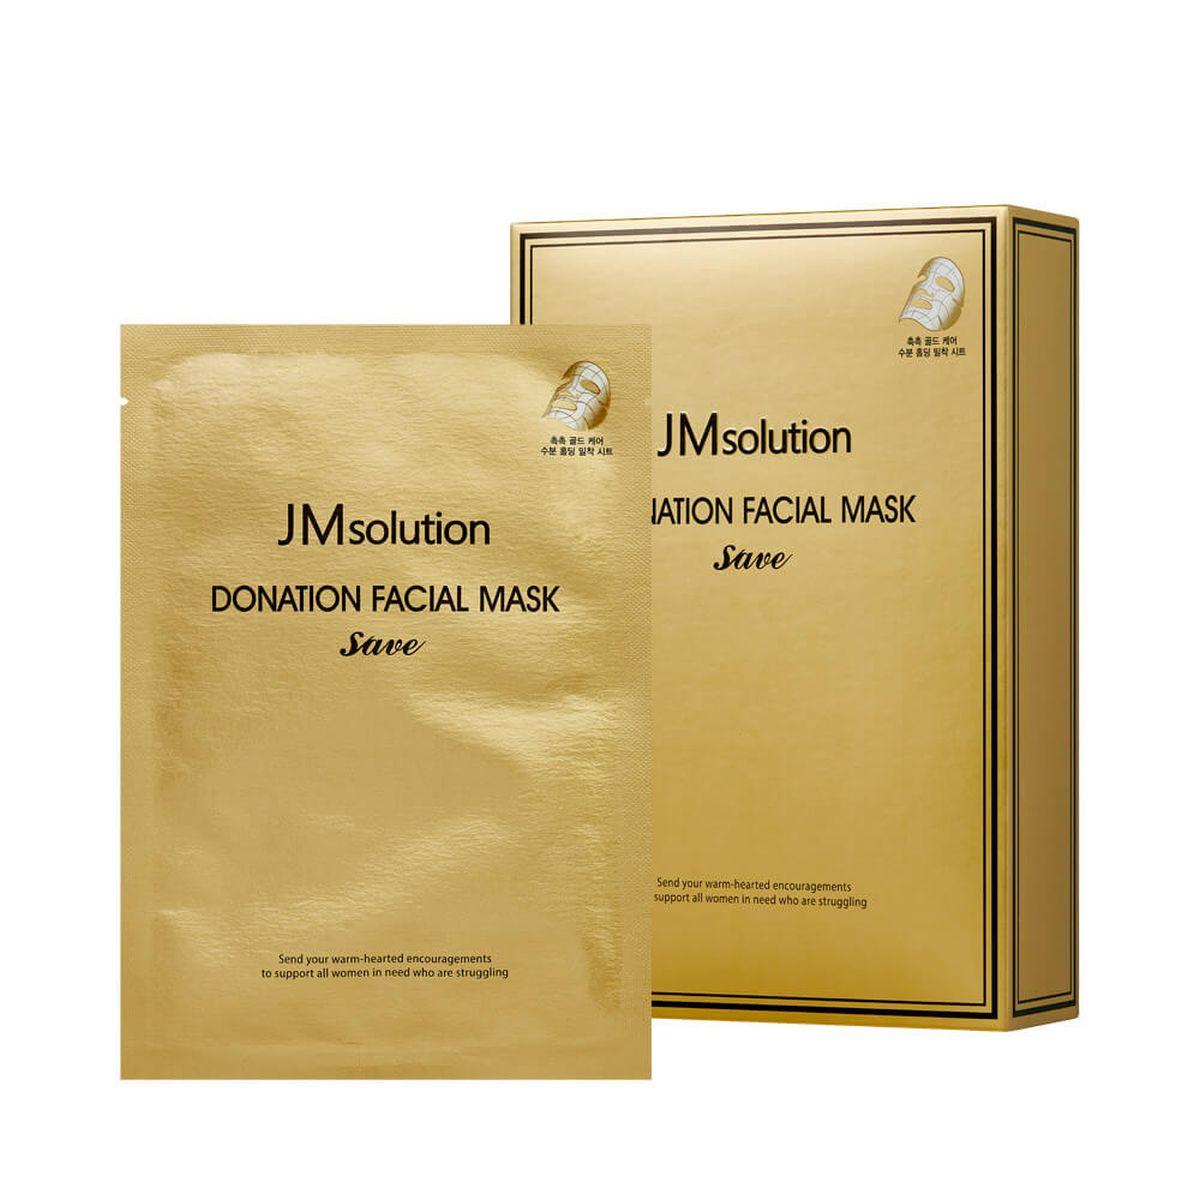 Укрепляющая тканевая маска с пептидами JMsolution Donation Facial Mask Save - 37 гр